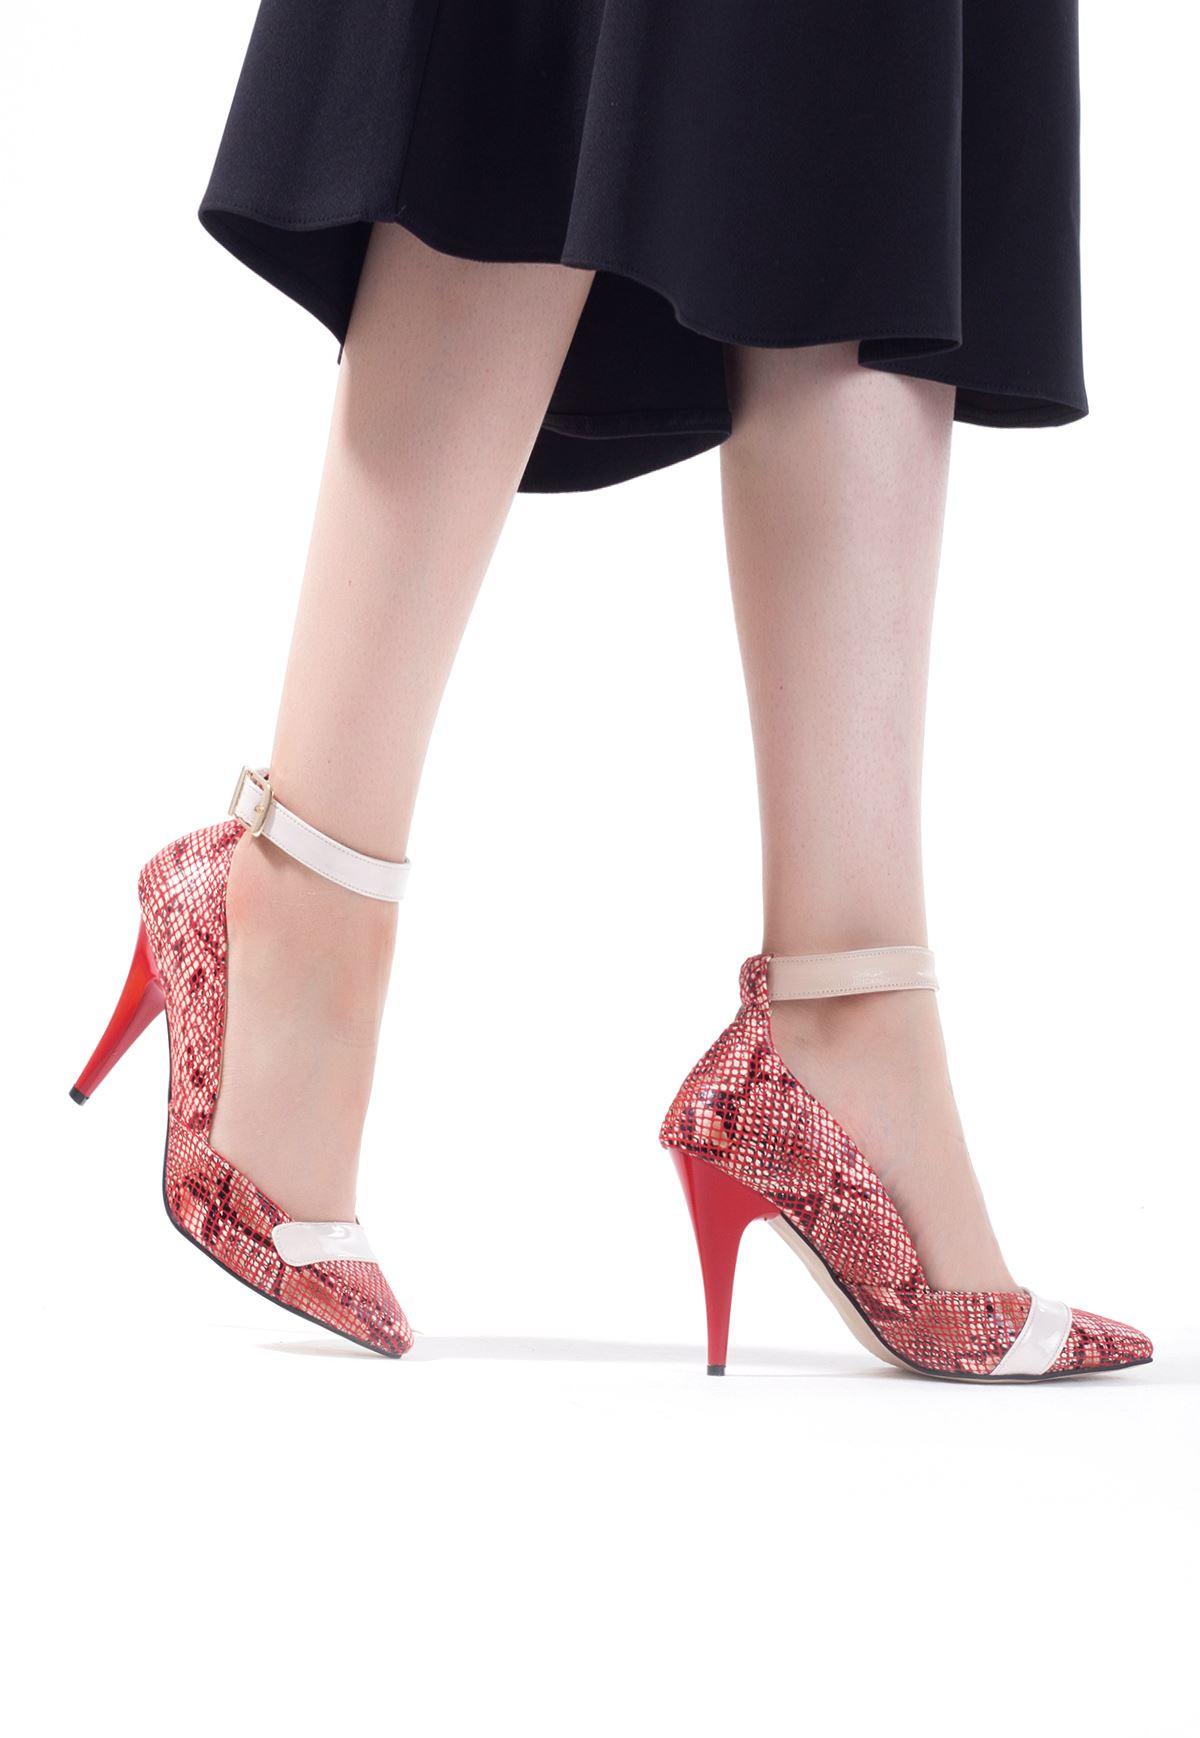 Erb Bordo Krem Yılan Derisi Desenli Bayan Stiletto Ayakkabı